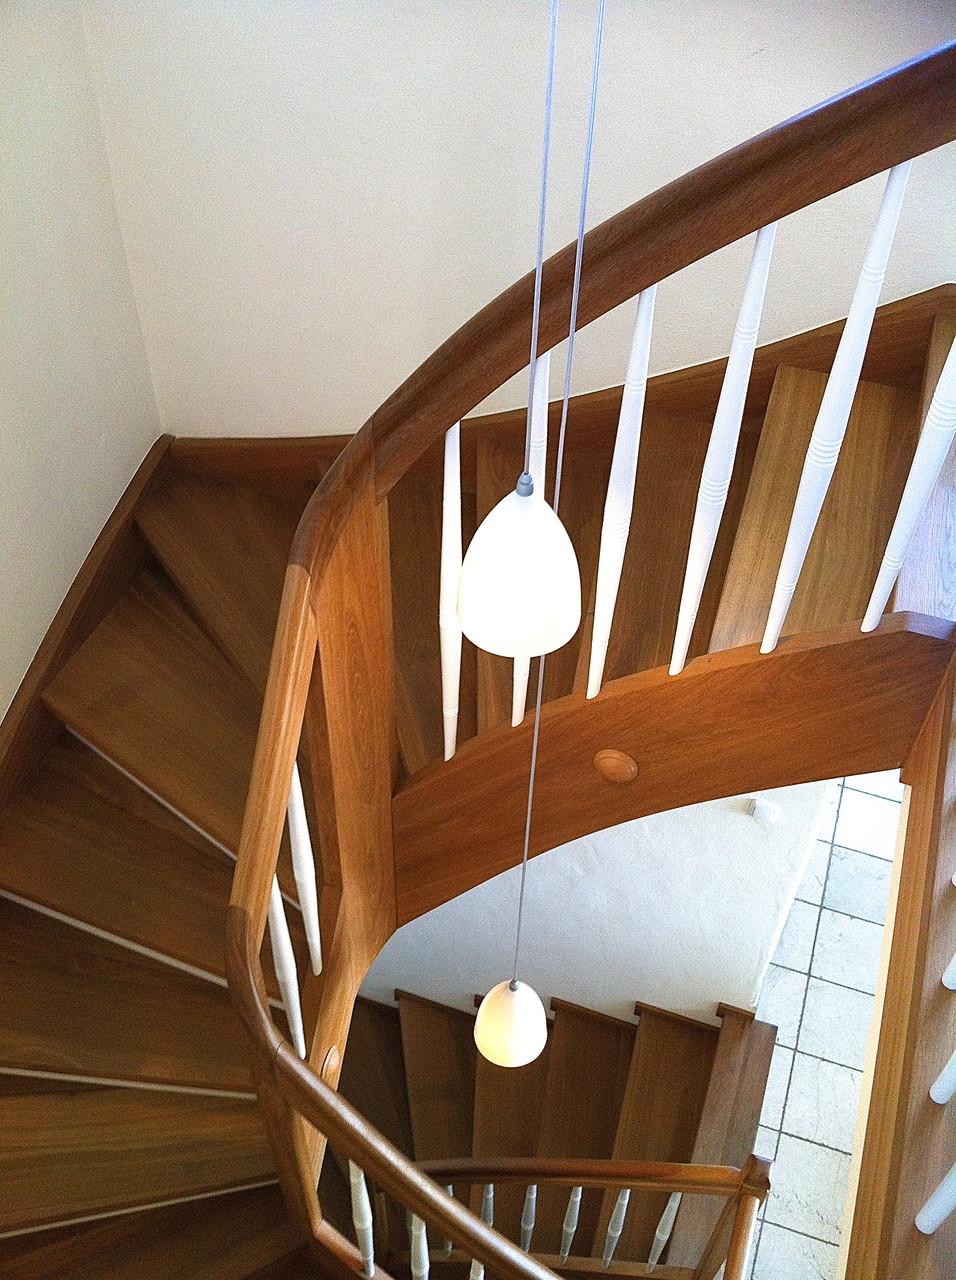 Licht für die schöne Treppe.